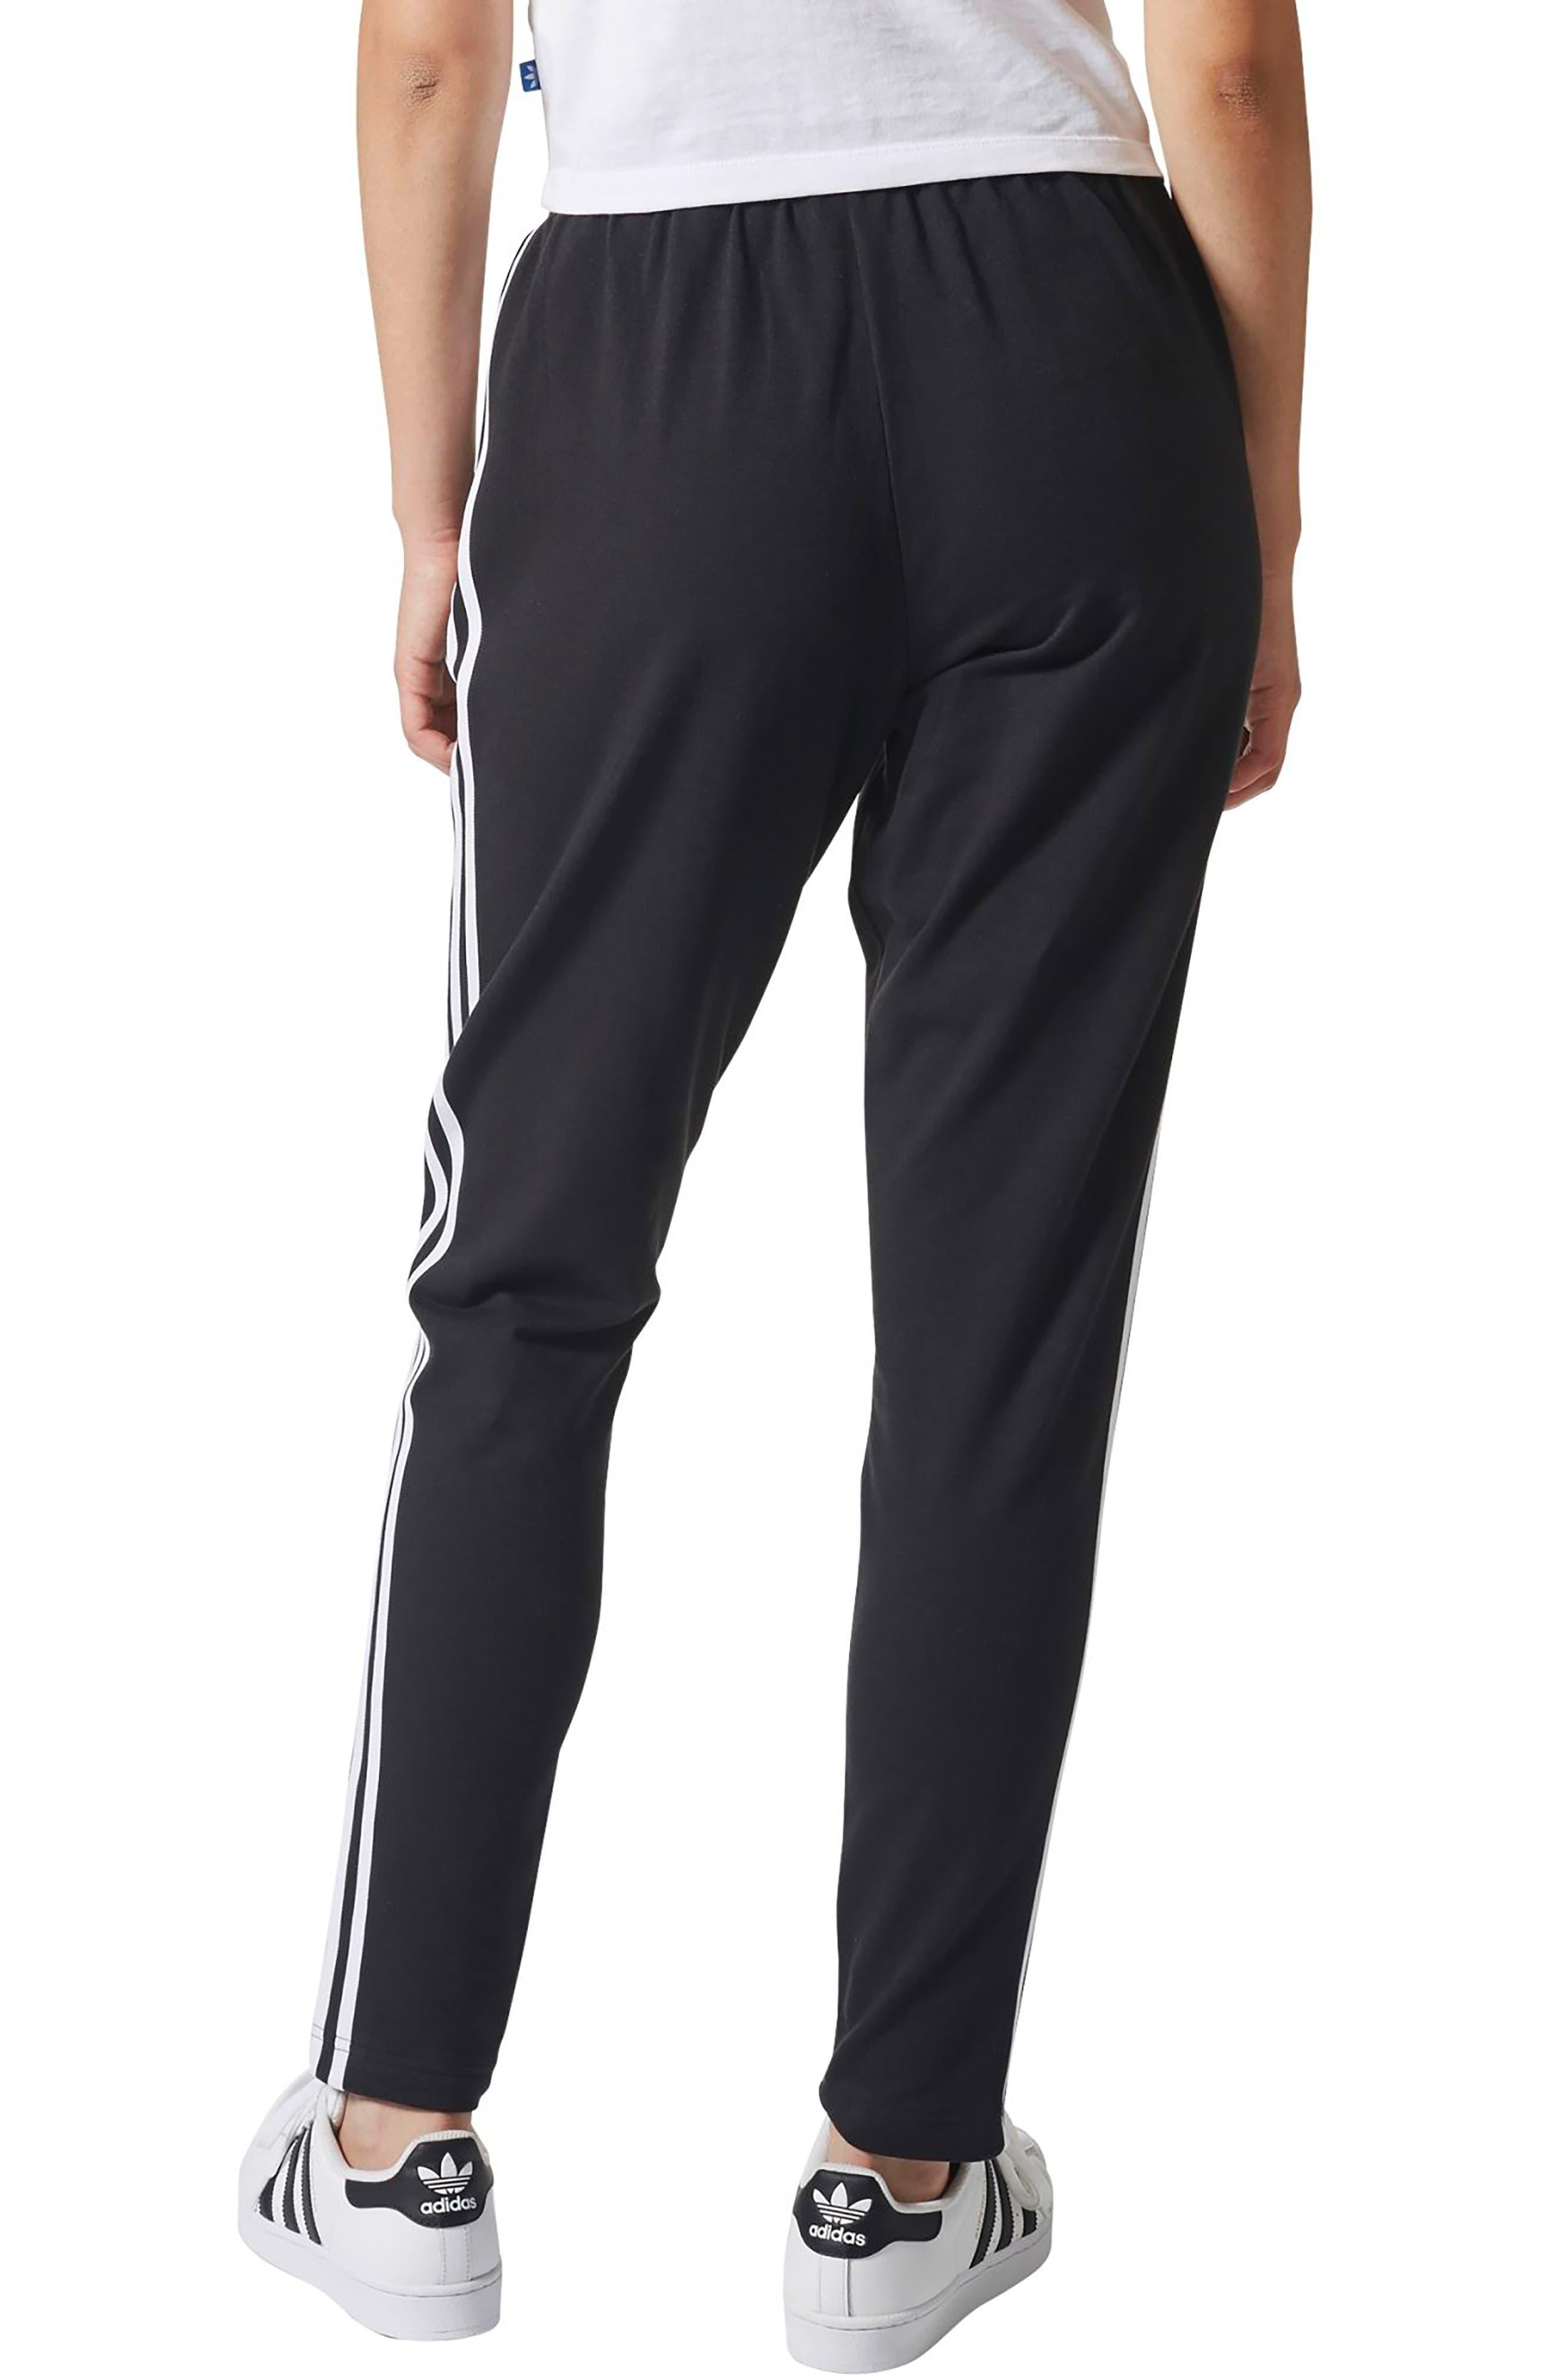 3-Stripes Tapered Pants,                             Alternate thumbnail 2, color,                             Black